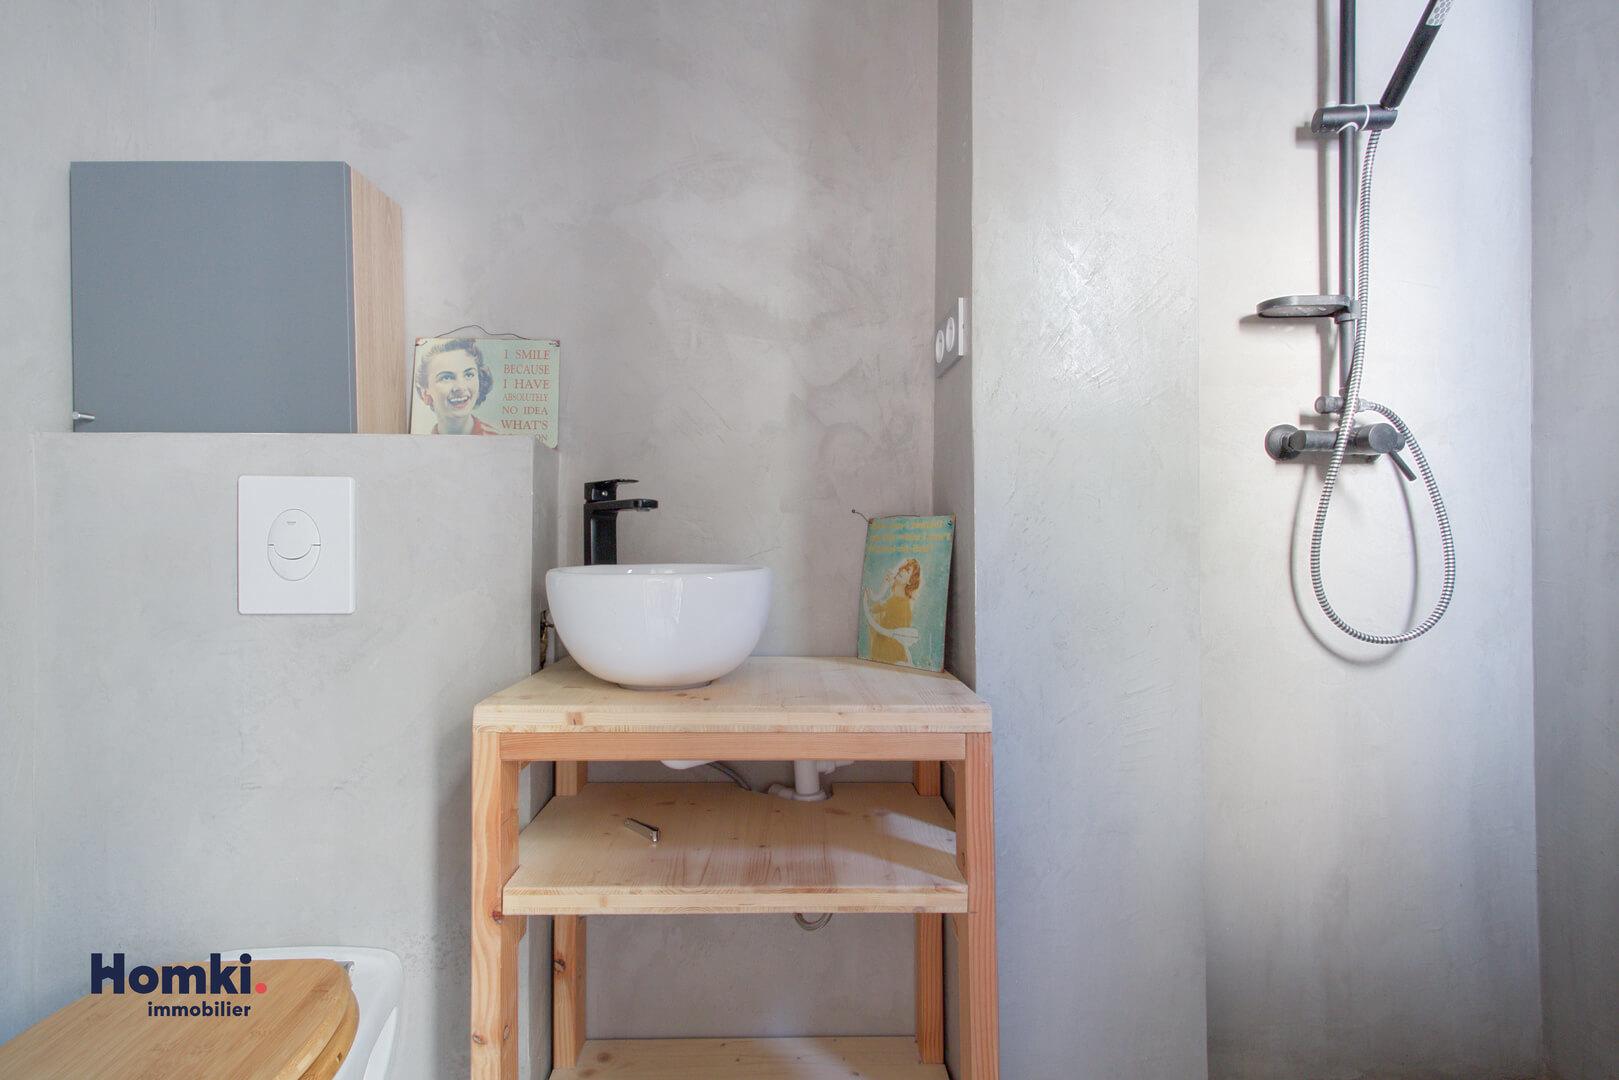 Vente maison 100 m² T4 13007_14